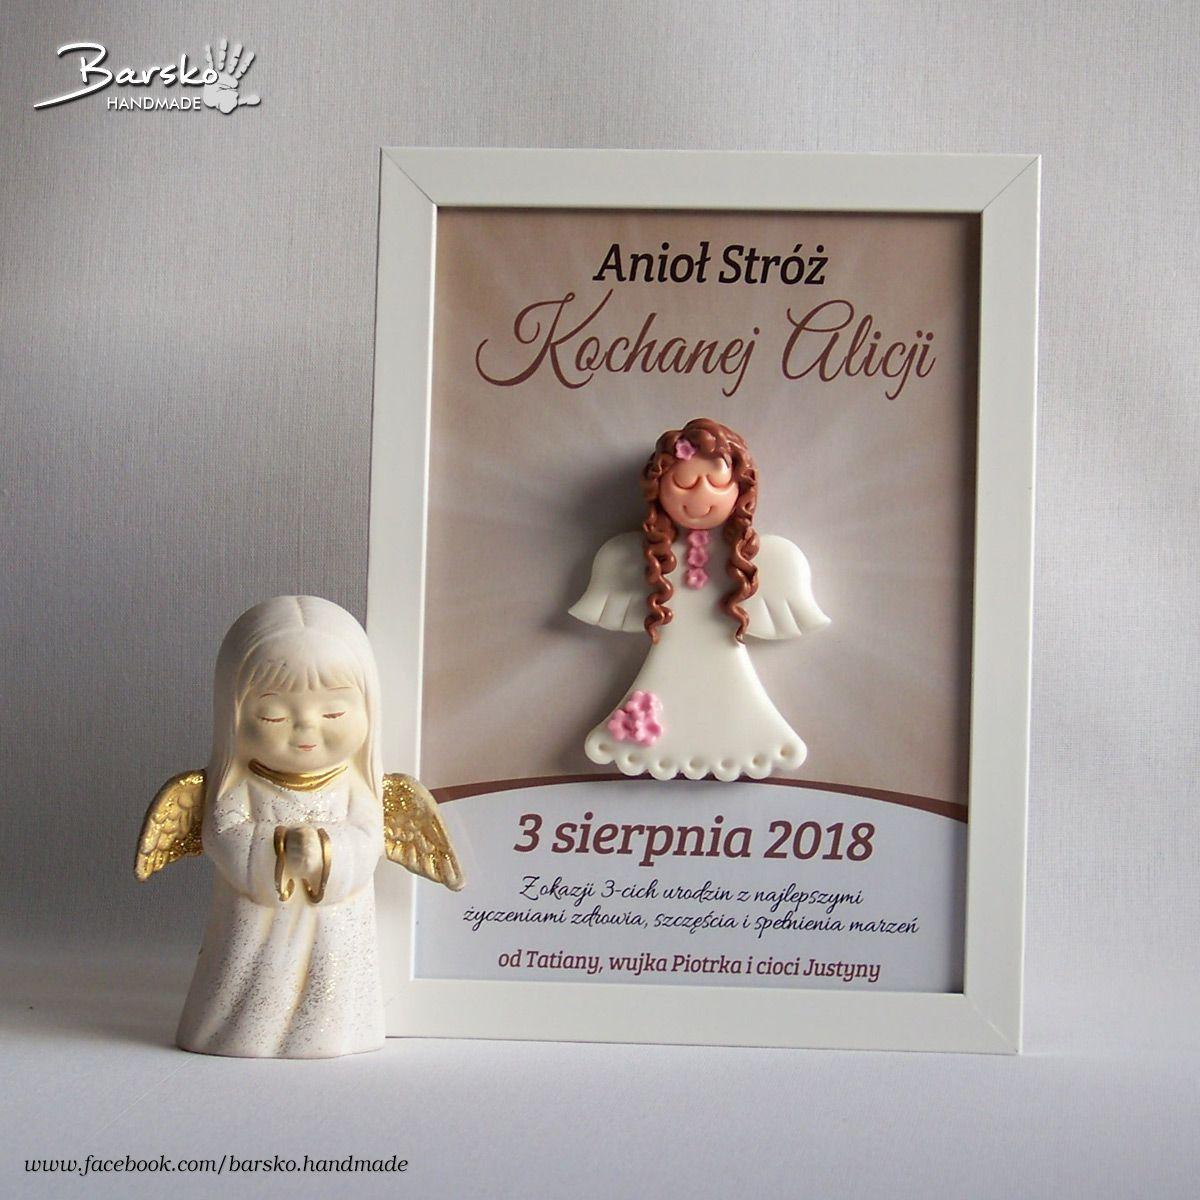 Pamiatki Urodzinowe Aniol Aniolek Urodziny Roczek Handmade Rekodzielo Handmadeangels Aniolstroz Pre W 2019 Ramki Urodziny I Anioly